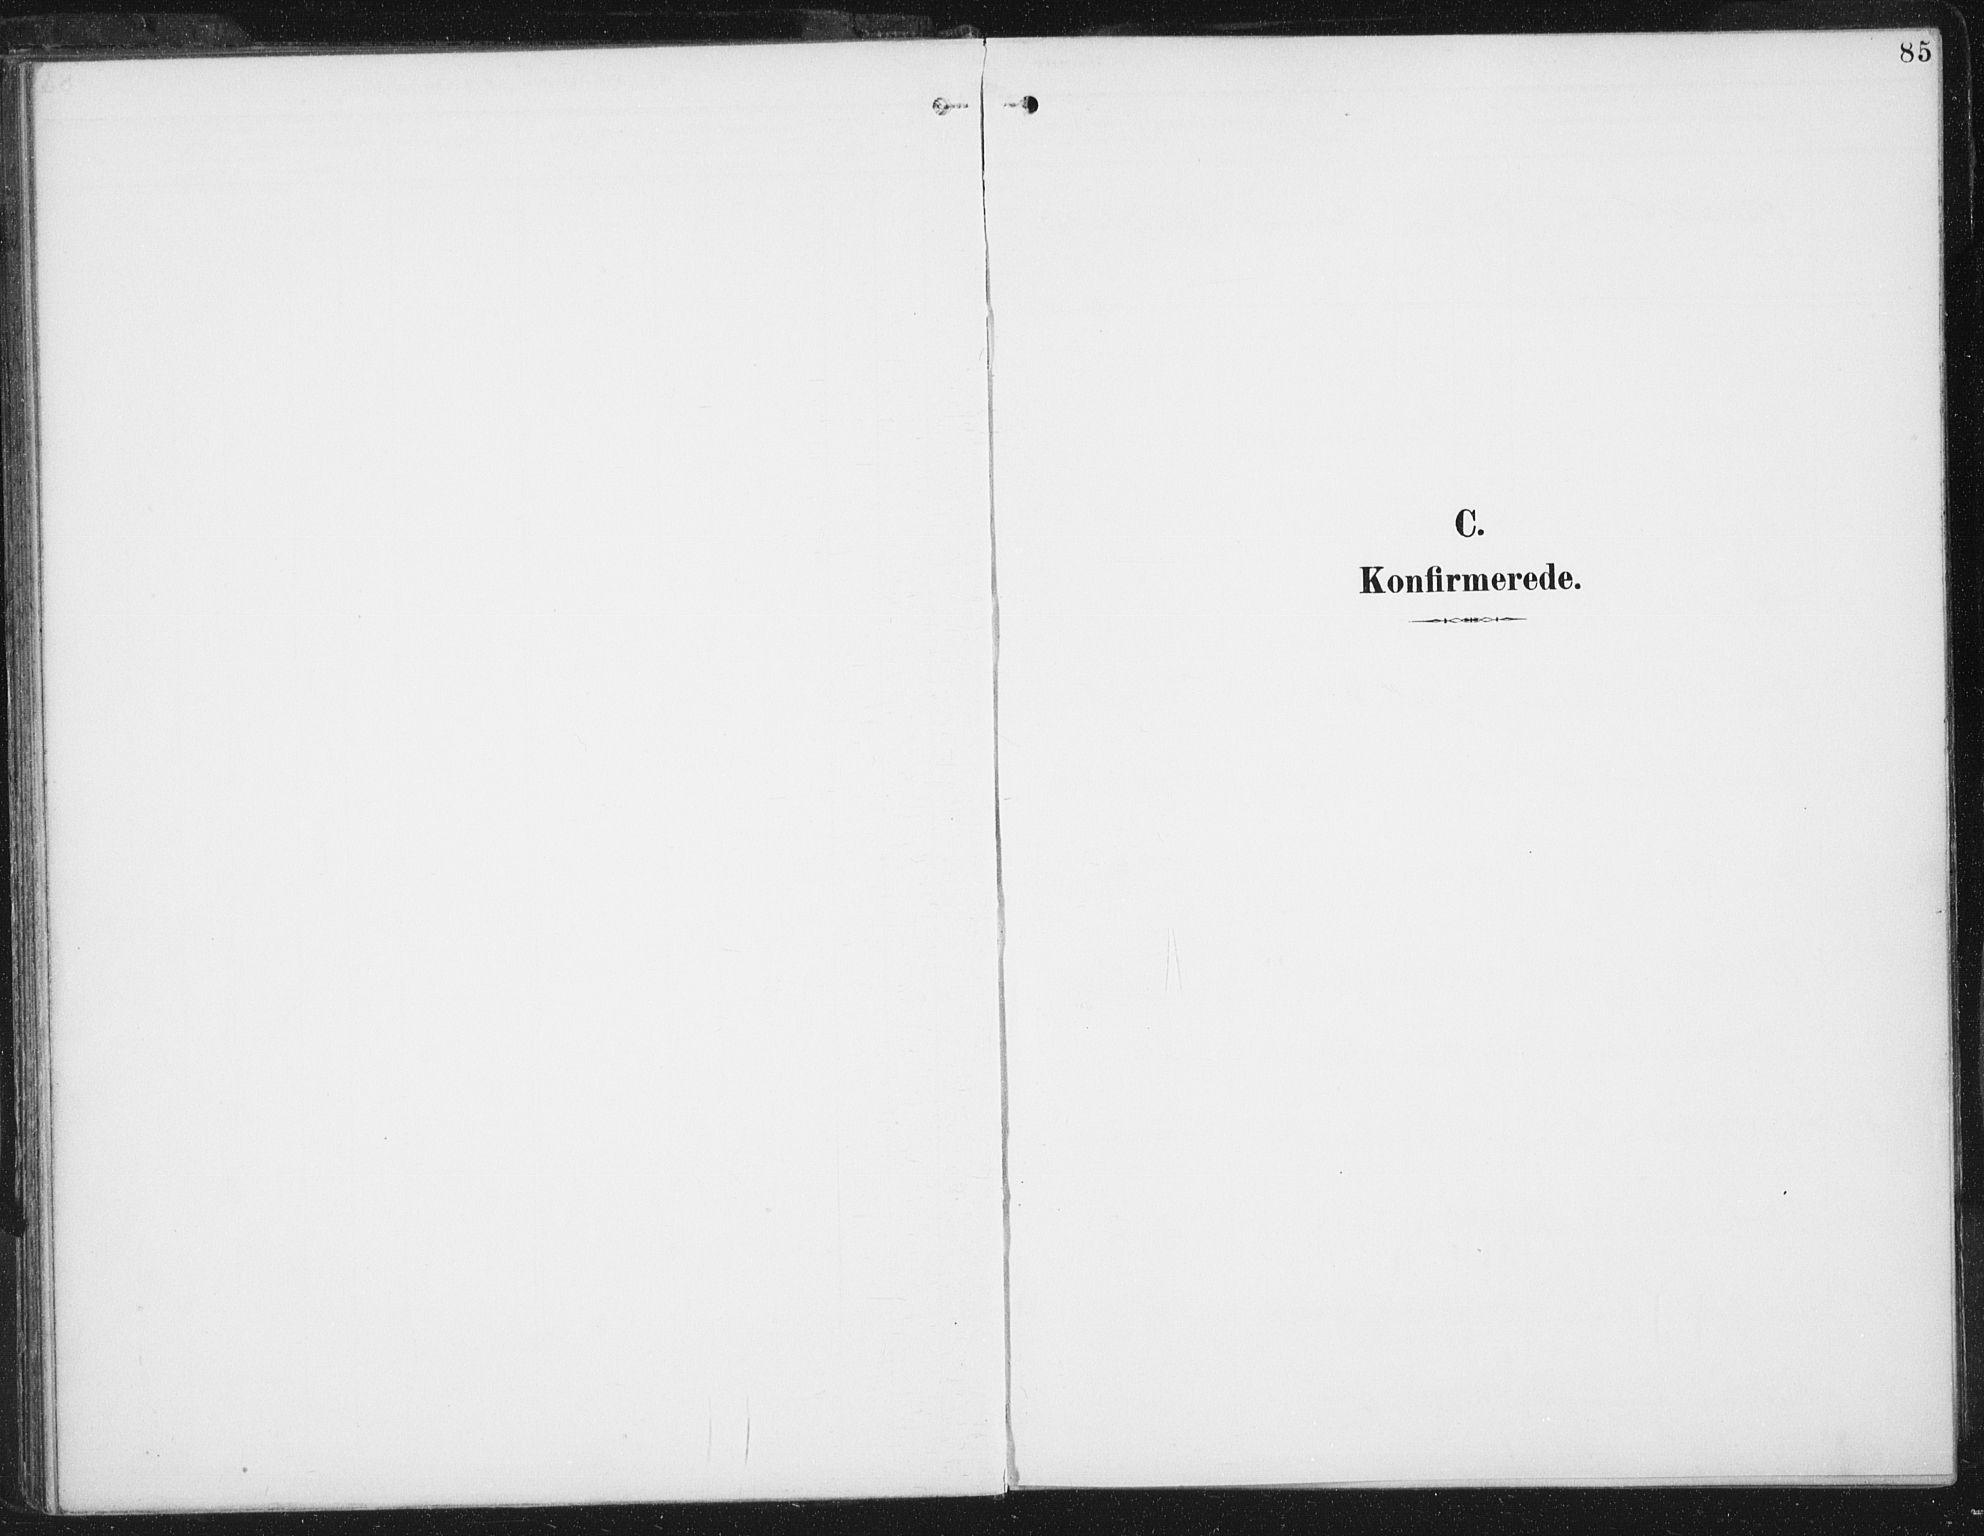 SAT, Ministerialprotokoller, klokkerbøker og fødselsregistre - Sør-Trøndelag, 674/L0872: Ministerialbok nr. 674A04, 1897-1907, s. 85